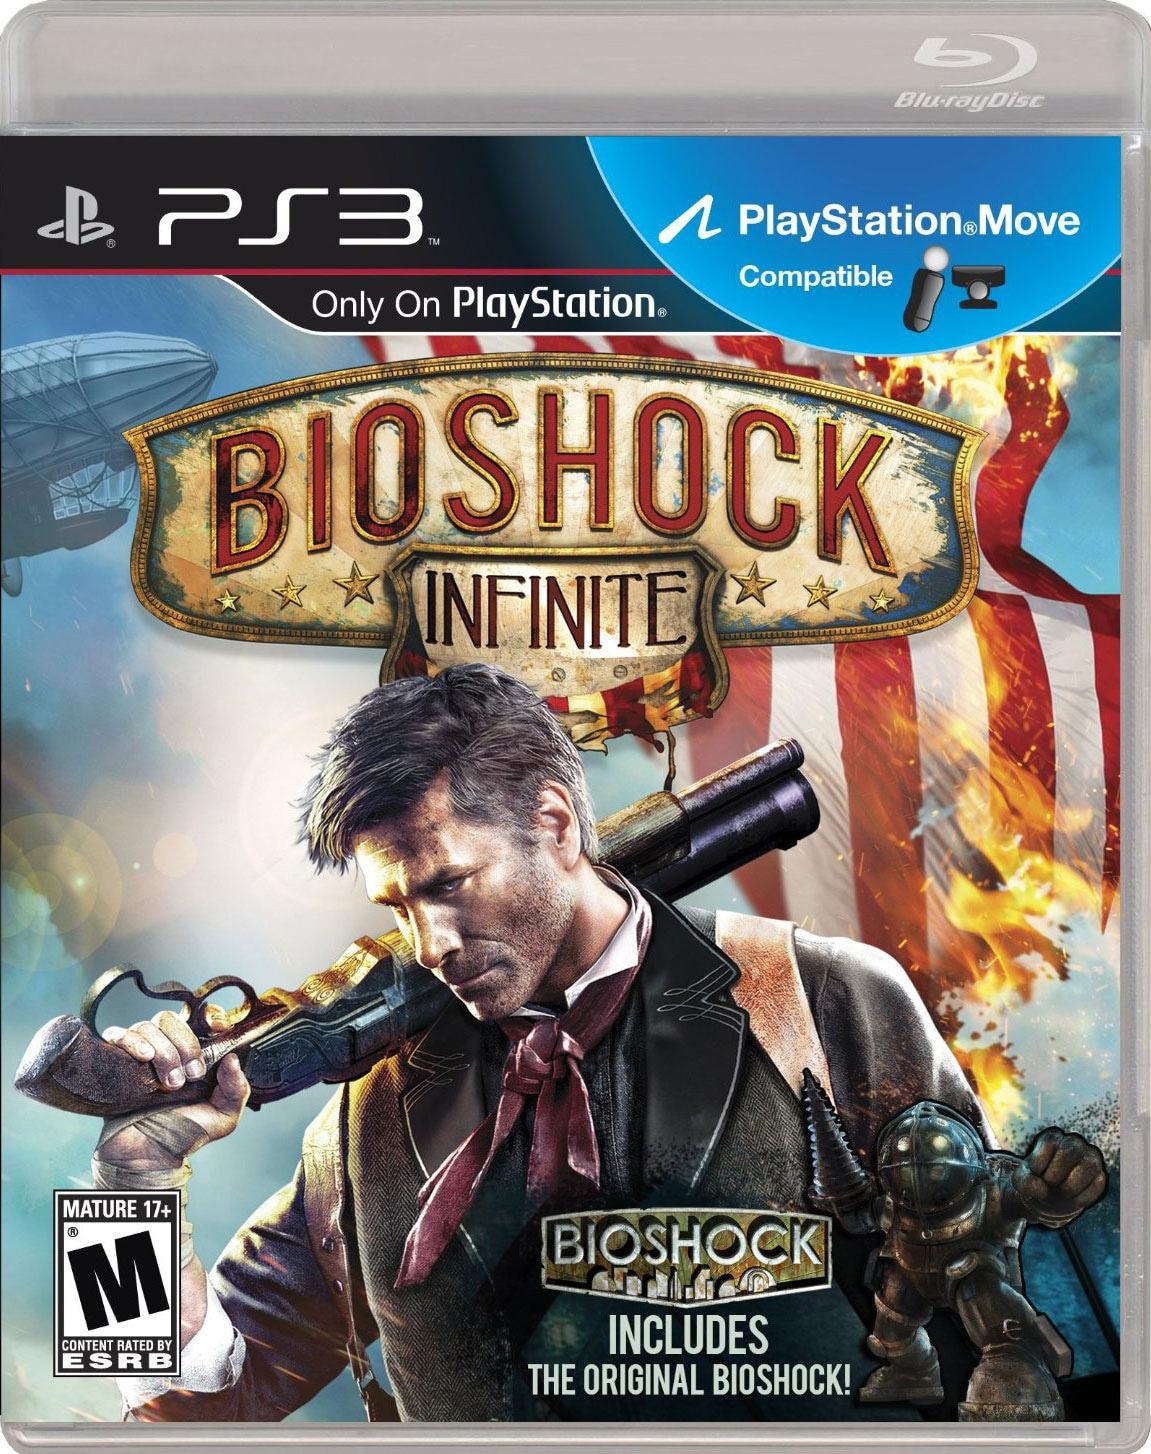 PS3 - Bioshock Infinite